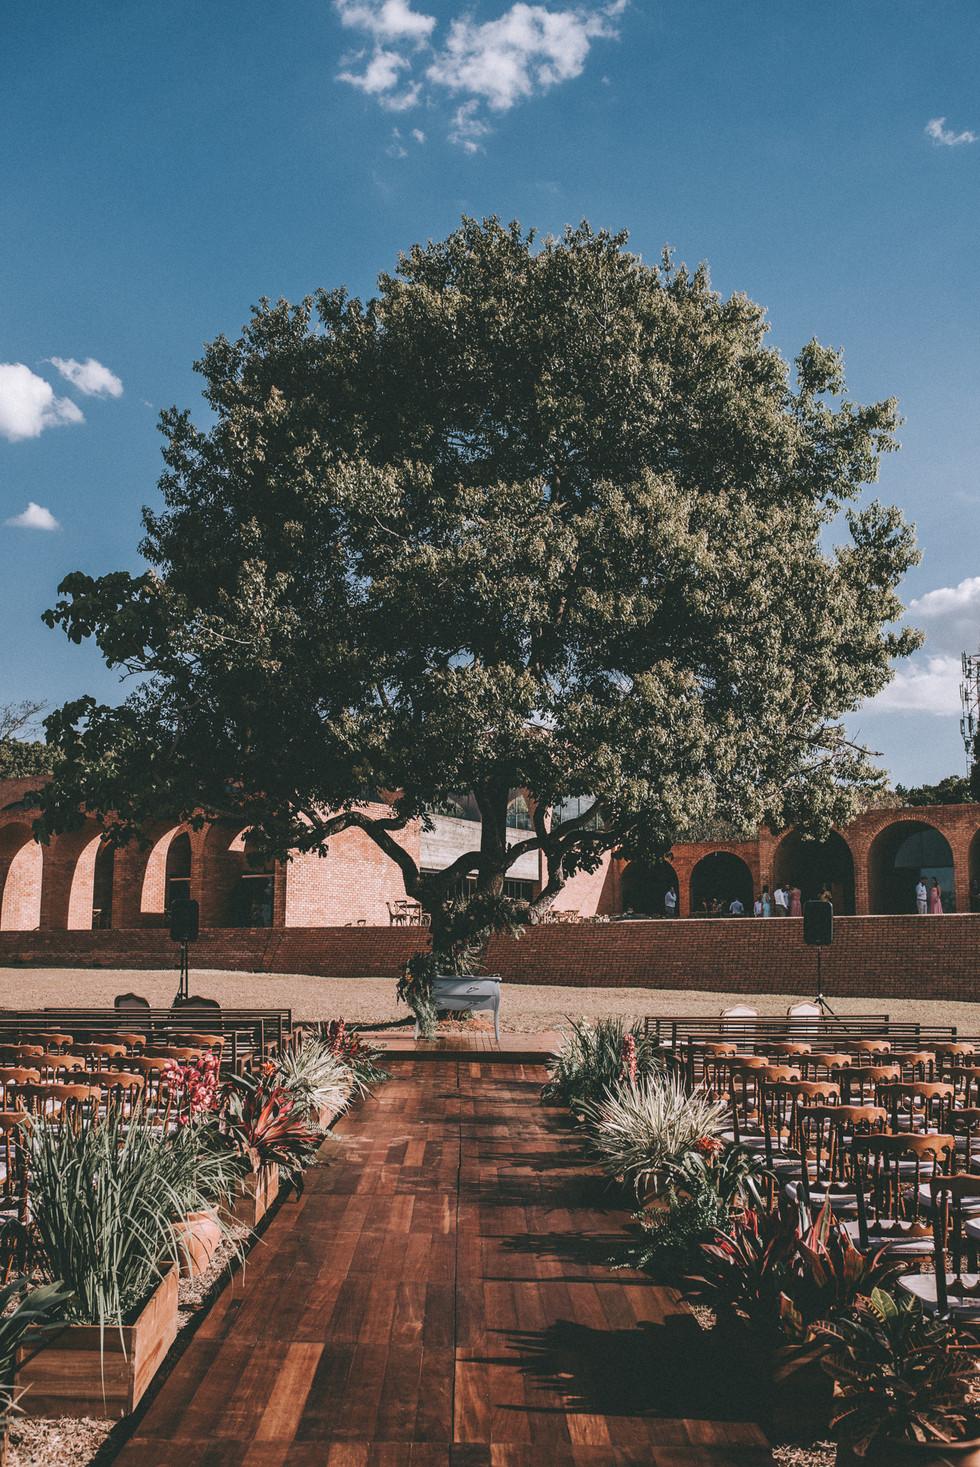 fotografo profissional casamento brasilia, casamento mansão dos arcos